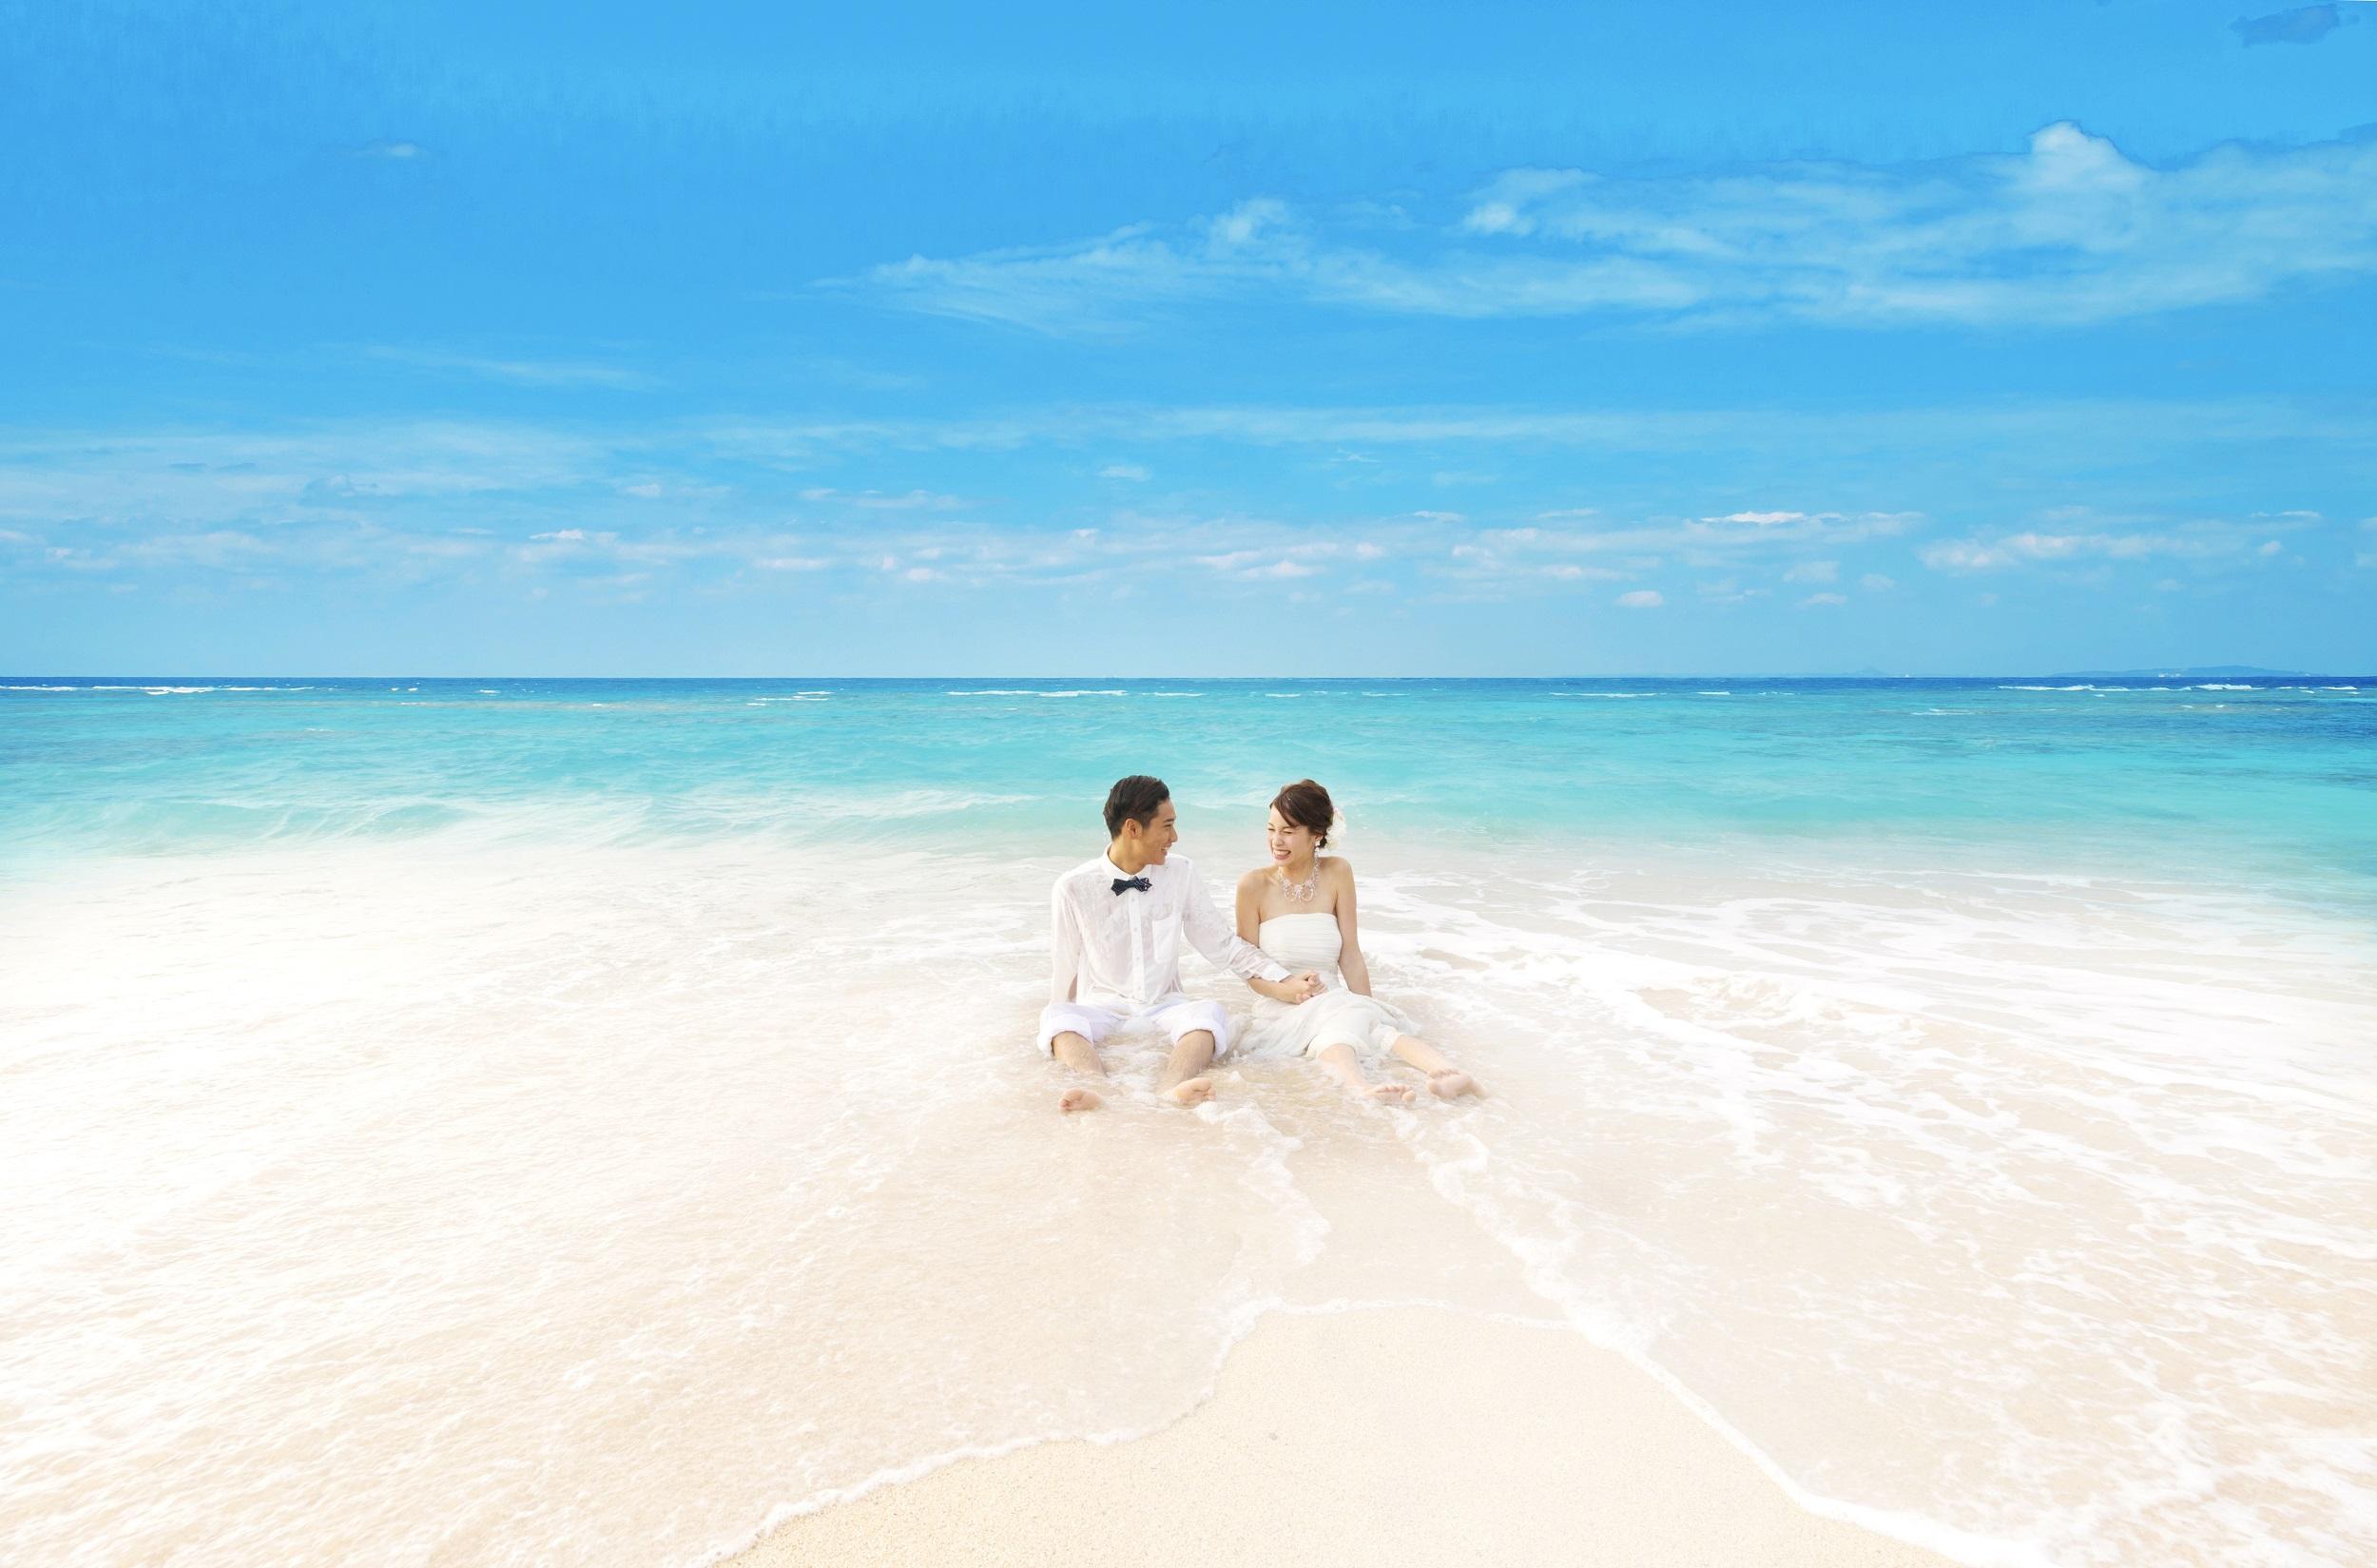 沖縄のエメラルドグリーンの美しい海の中で